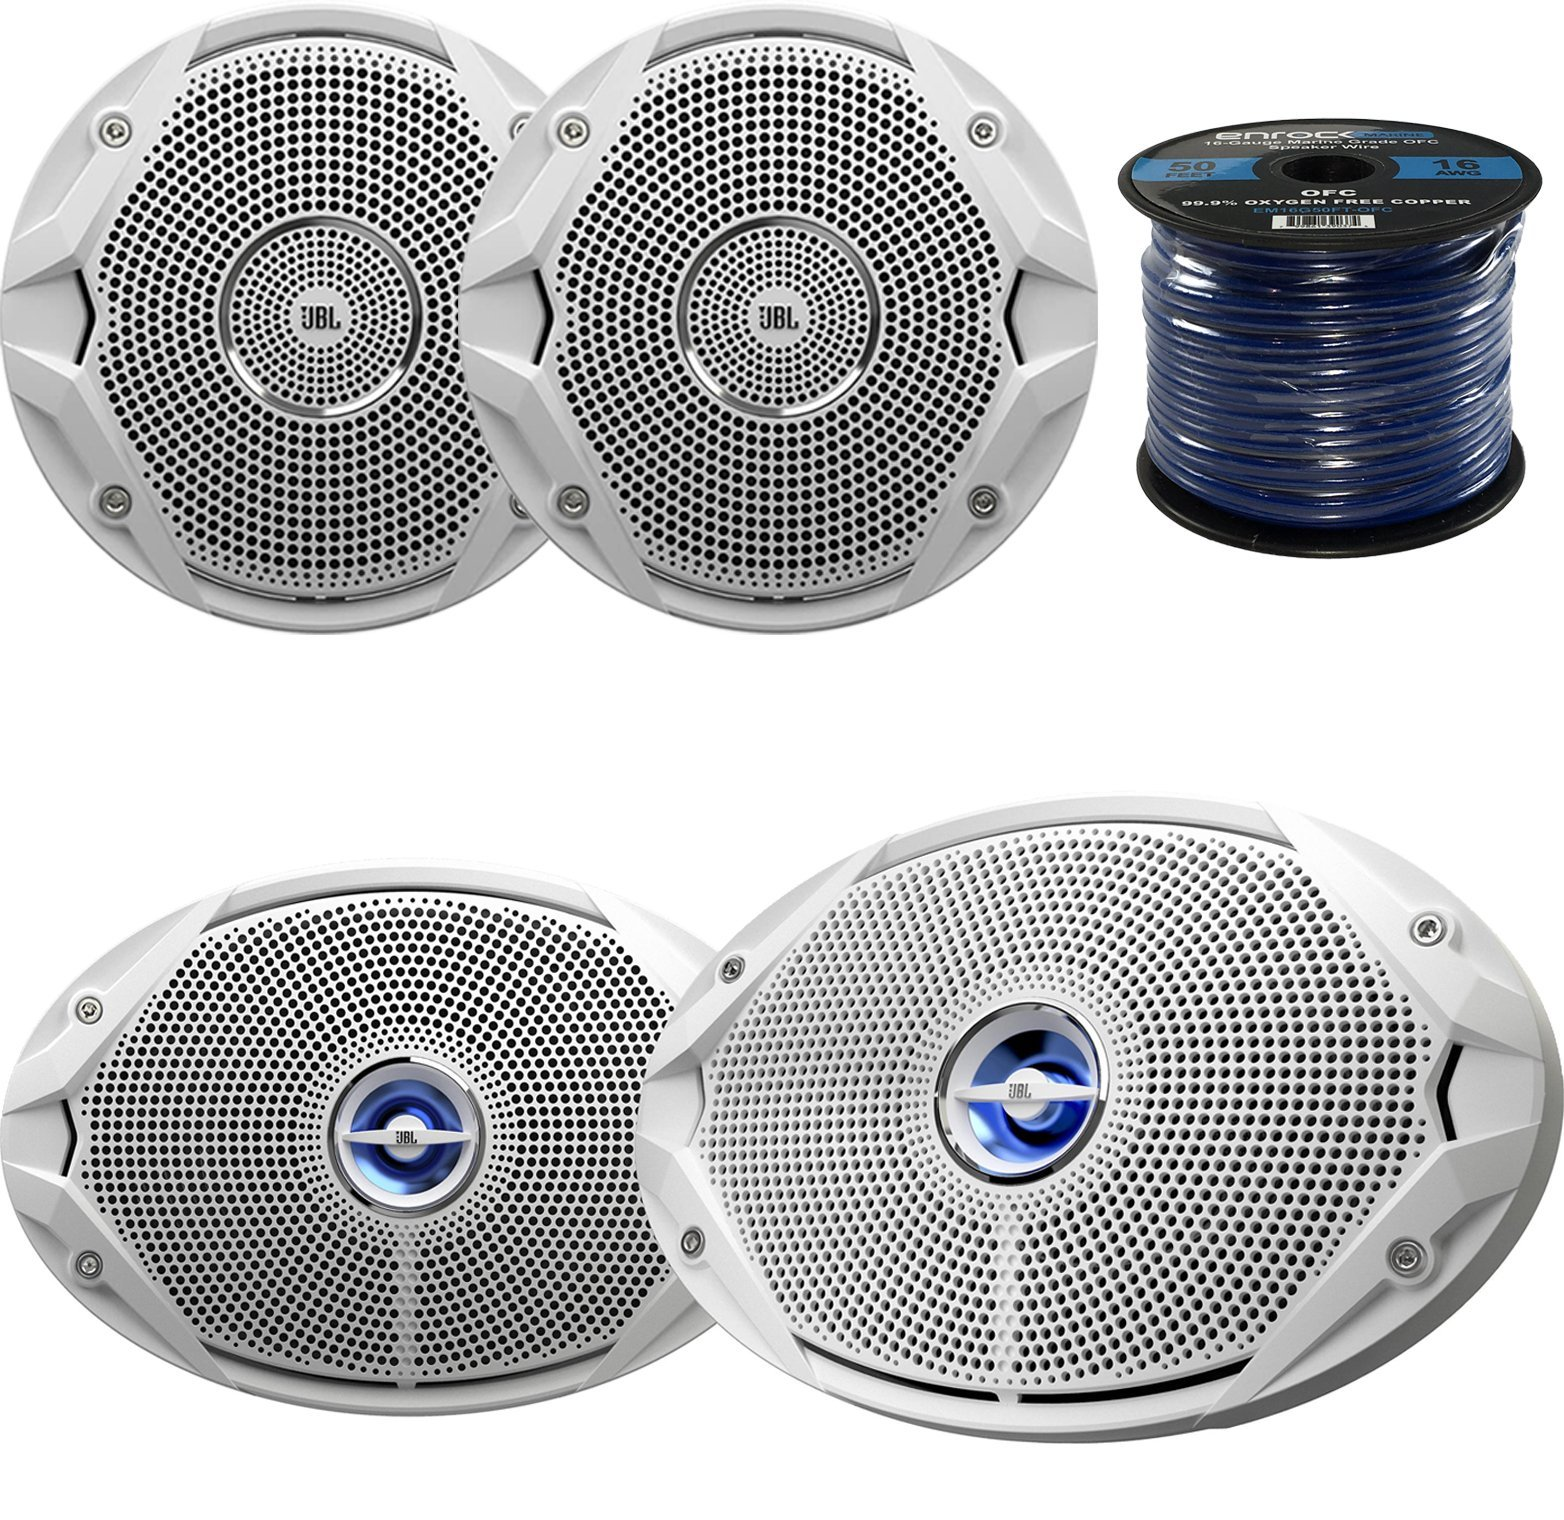 Marine Speaker Package: 2x JBL MS9520 6x9'' 2-Way White Coaxial Marine Speakers Bundle Combo With 2x JBL MS6510 6.5'' Inch Boat Speakers + Enrock 50 Foot 16g Speaker Wire by EnrockMarineBundle